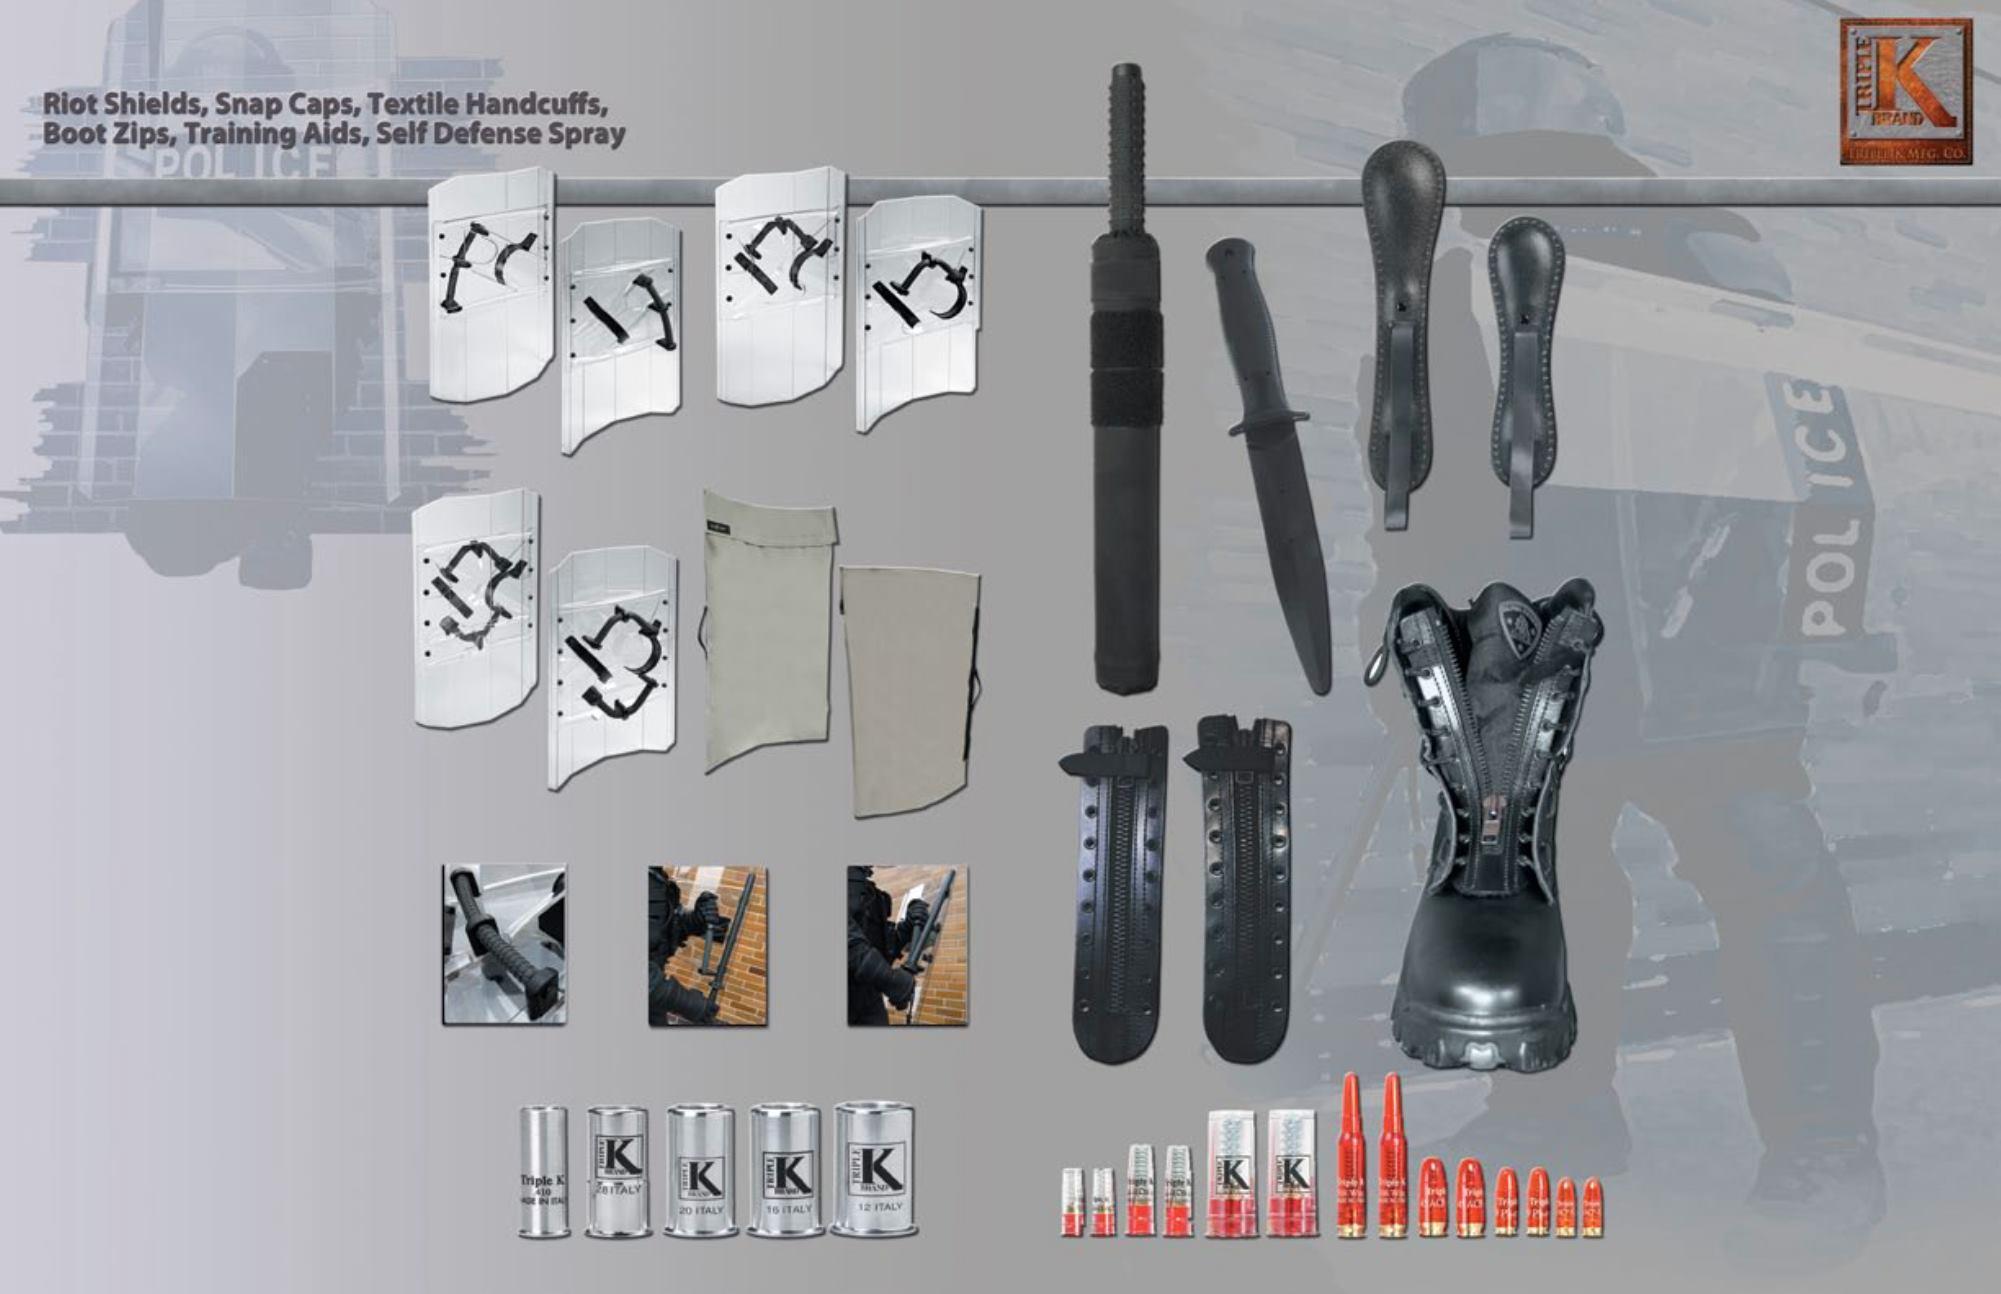 691b94f69e32 Triple-k-katalog-2013 - page 11